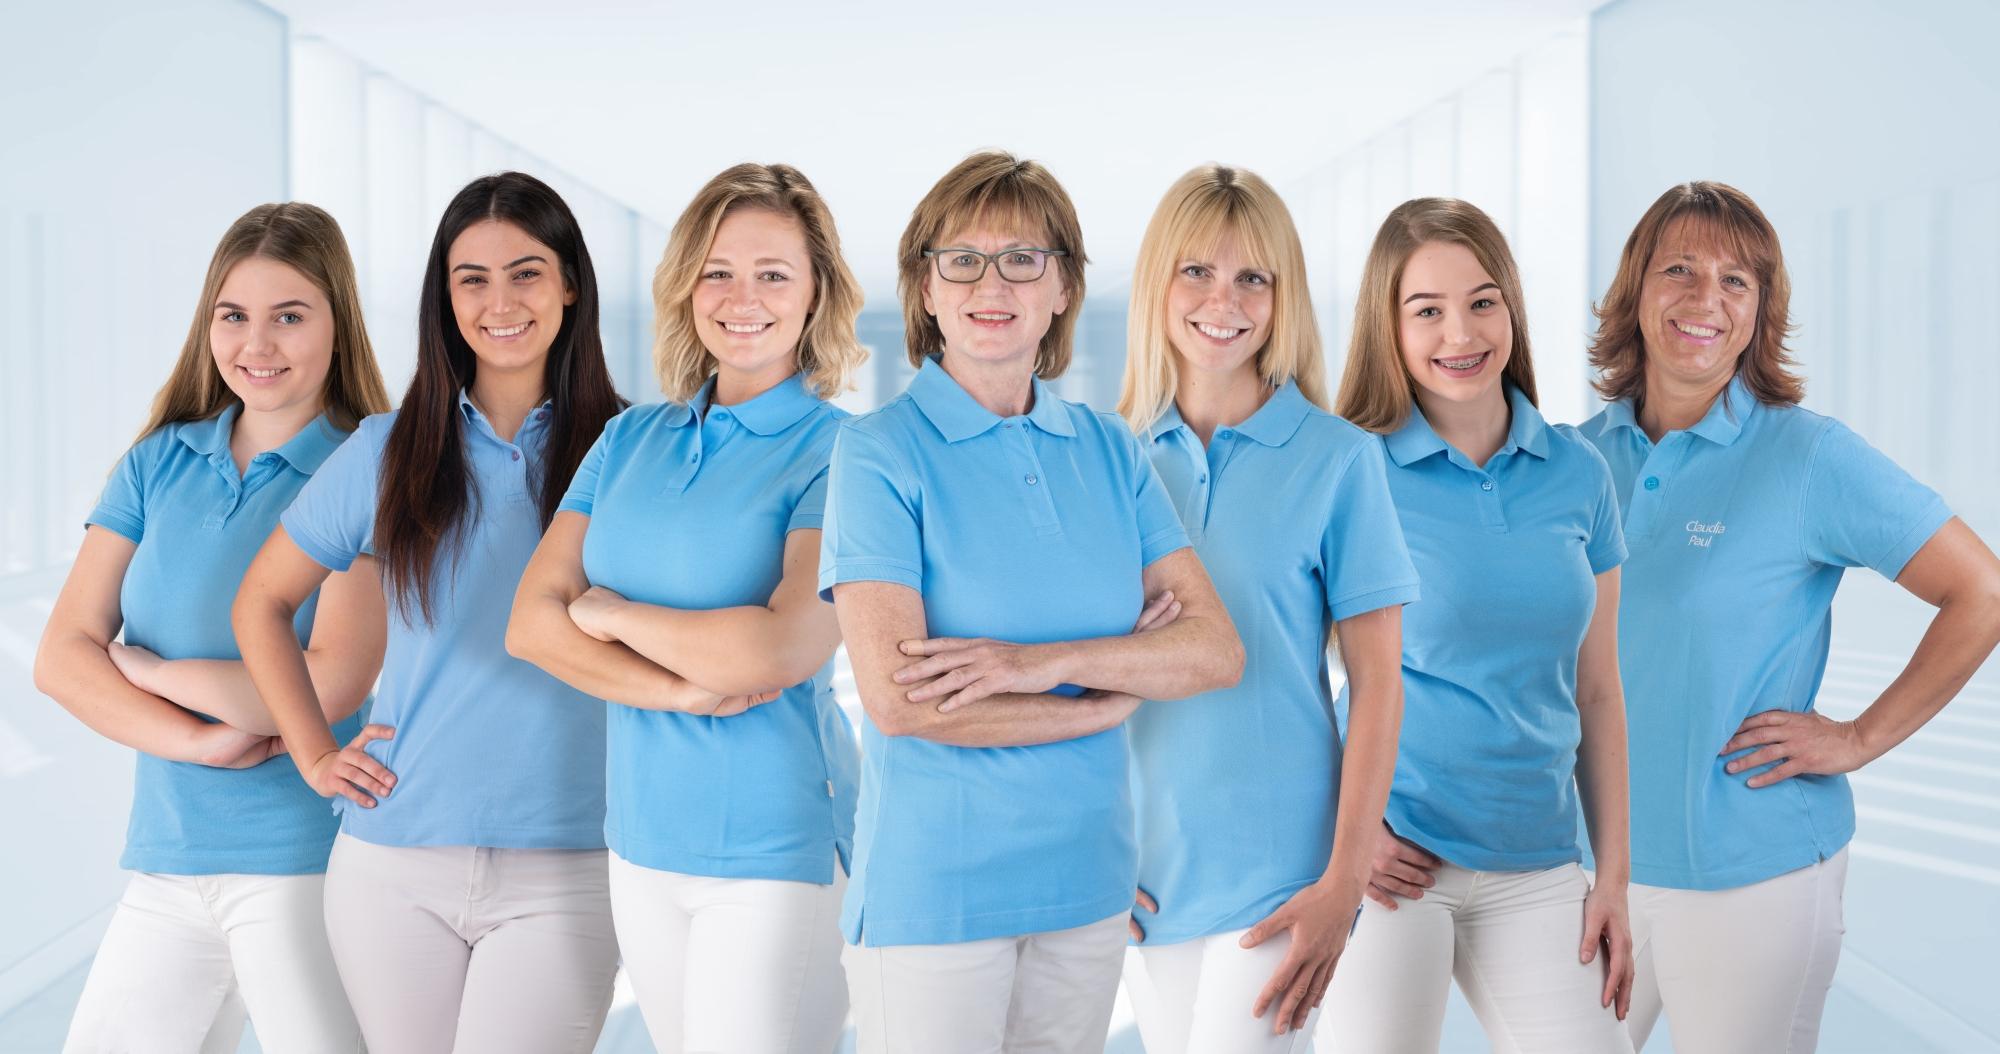 Das Team der Kieferorthopädie für Kinder und Erwachsene